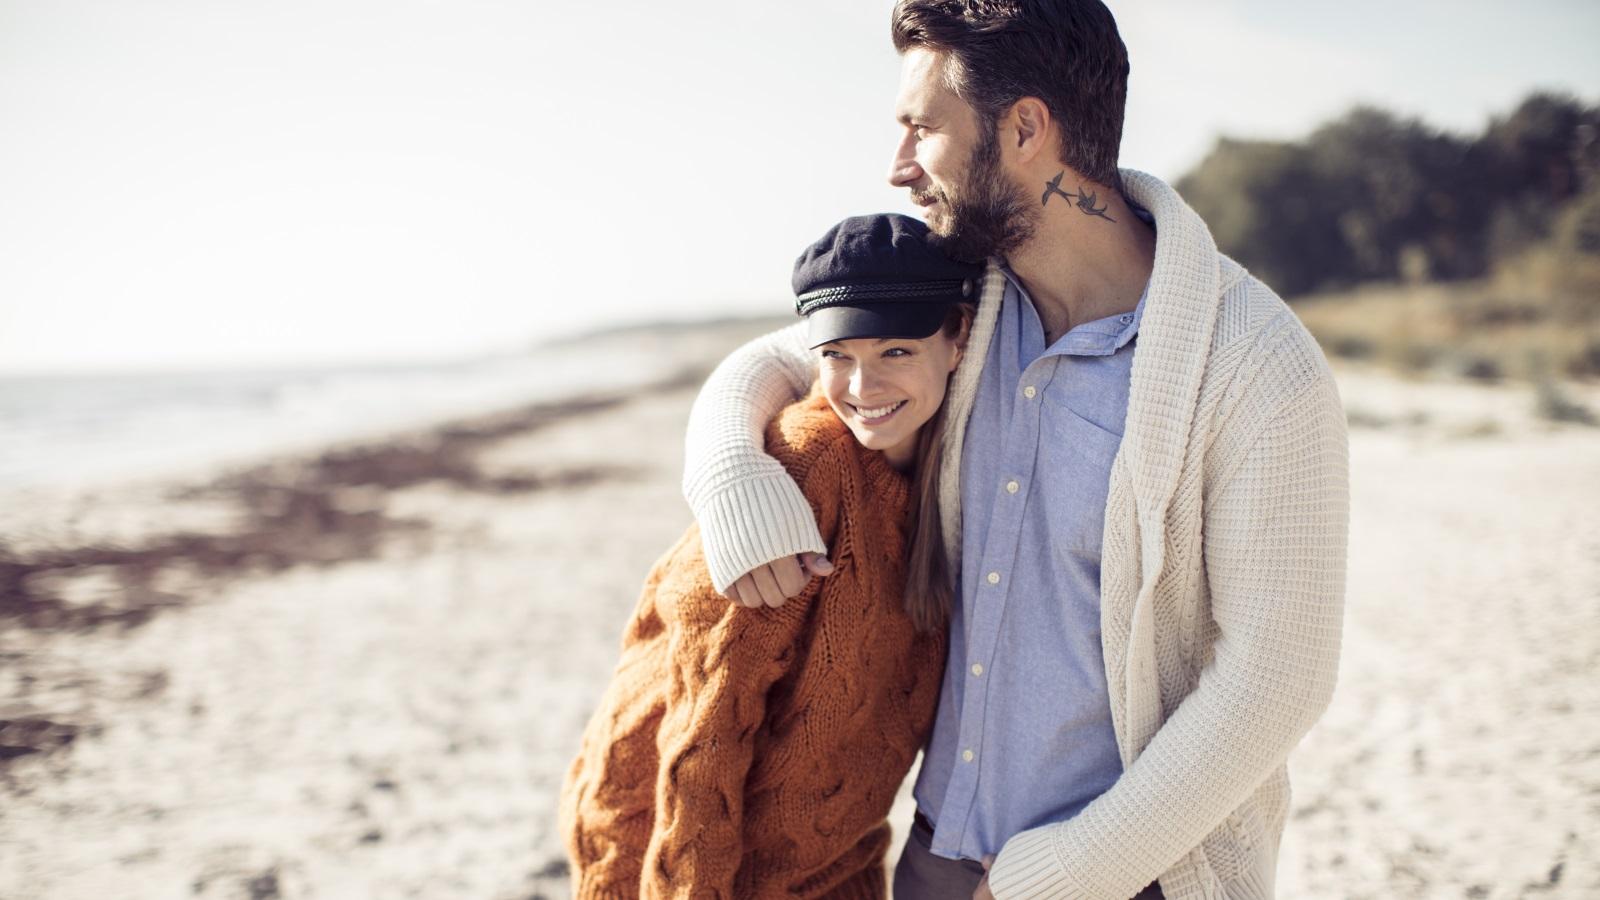 <p>За Близнаците април, август и декември са месеците за любовни афери. Ако търсите партньор, това са месеците, в които трябва да държите очите си отворени и да обръщате внимание на новите хора в живота ви. 2020 ще бъде много по-добра за&nbsp;любовните ви отношения, отколкото 2021 г. Ако тази година решите да сключите брак той или ще трае вечно или ще приключи бързо.</p>